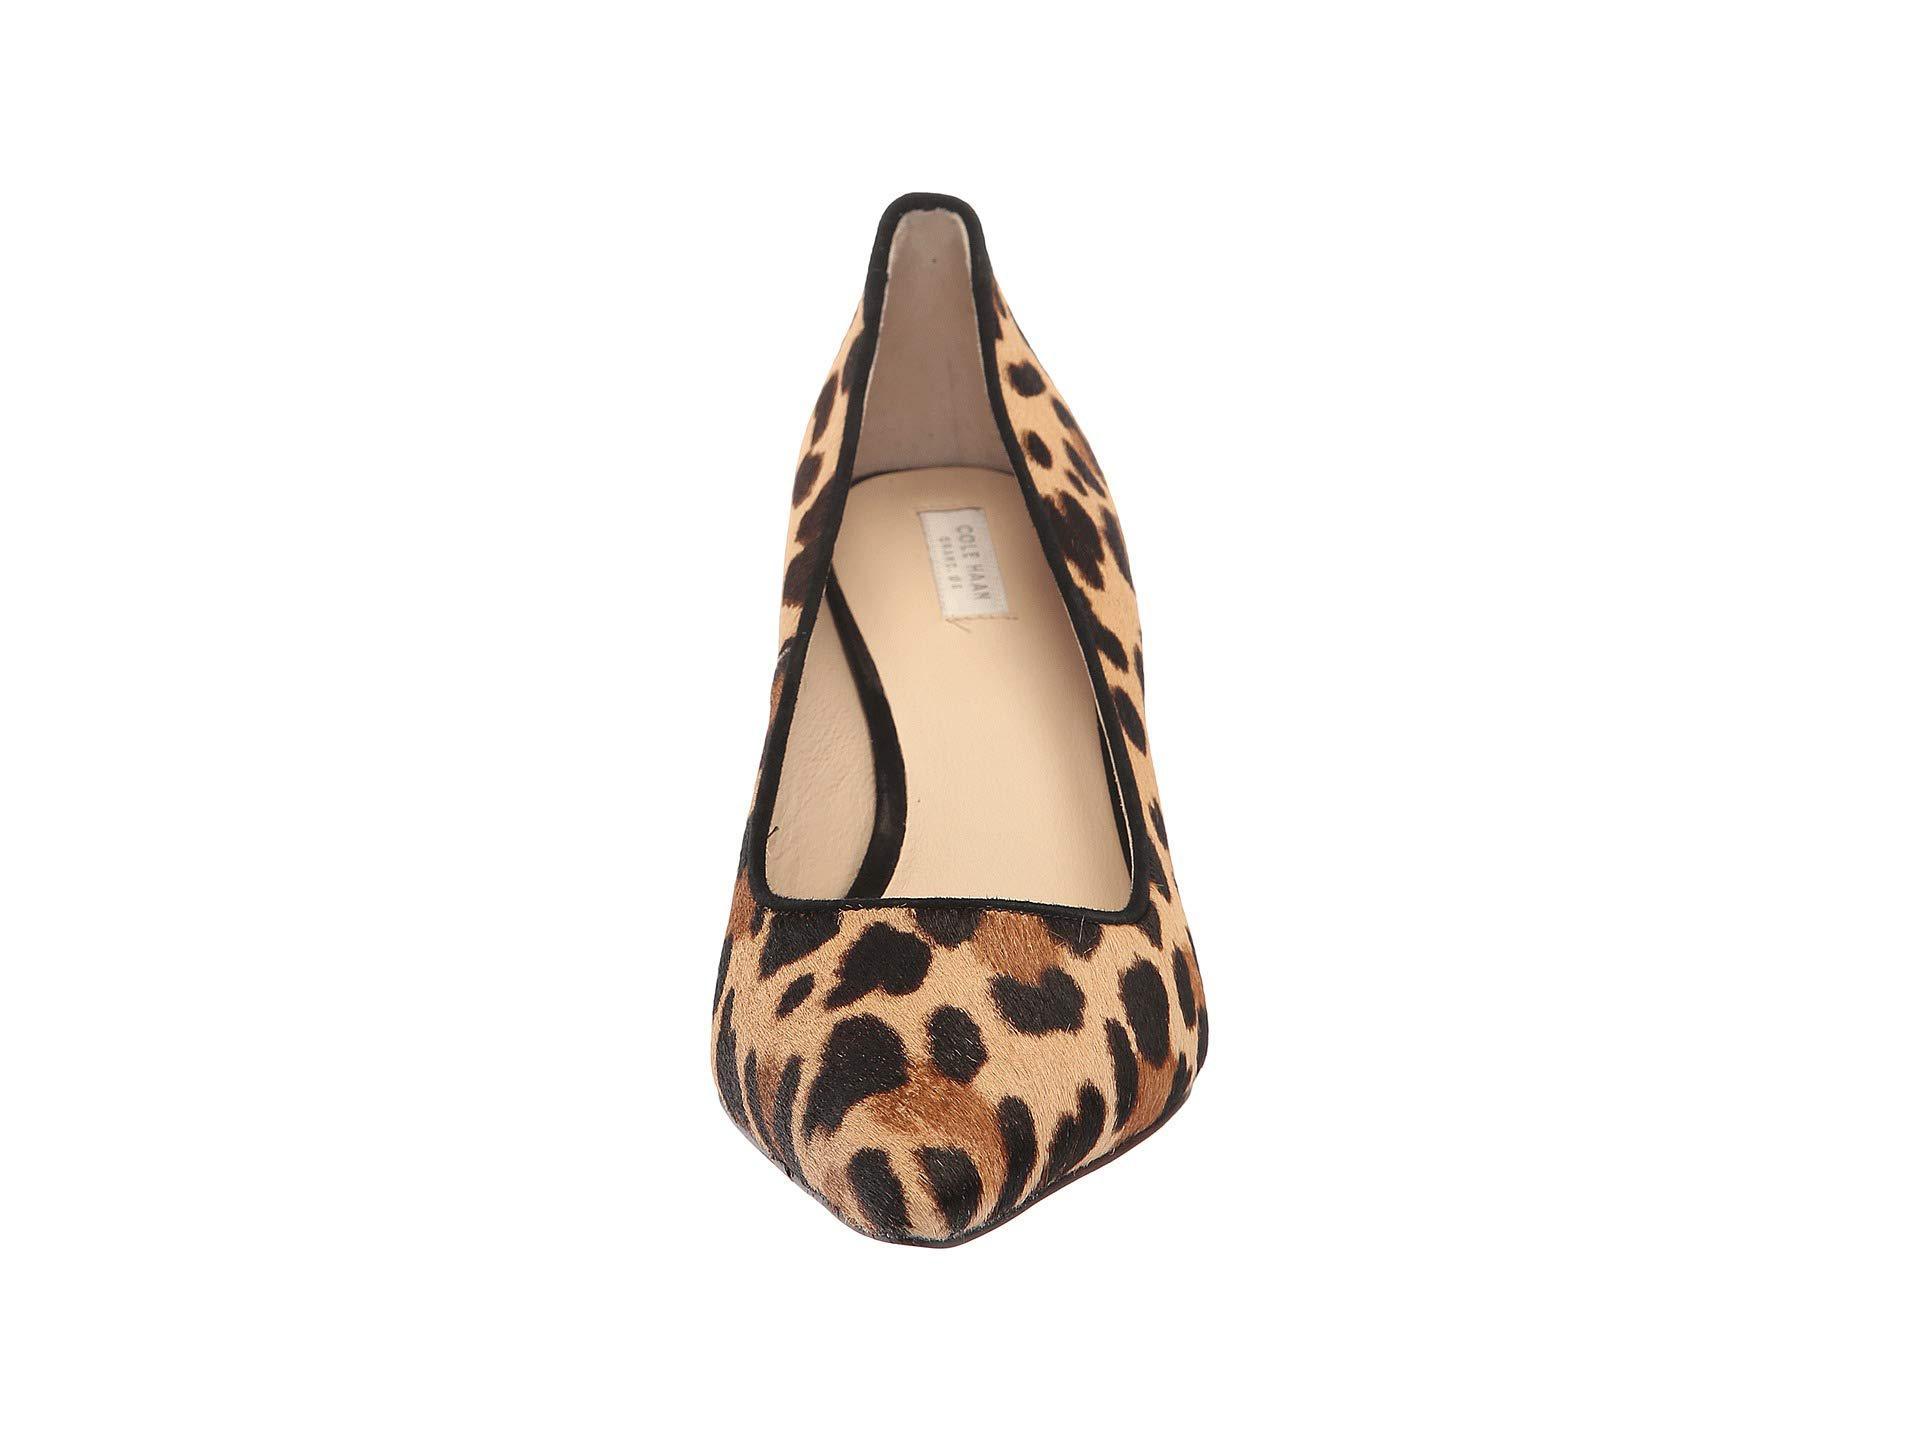 ae886a629d2 Lyst - Cole Haan Vesta Pump 65mm (black Leather) Women s Shoes